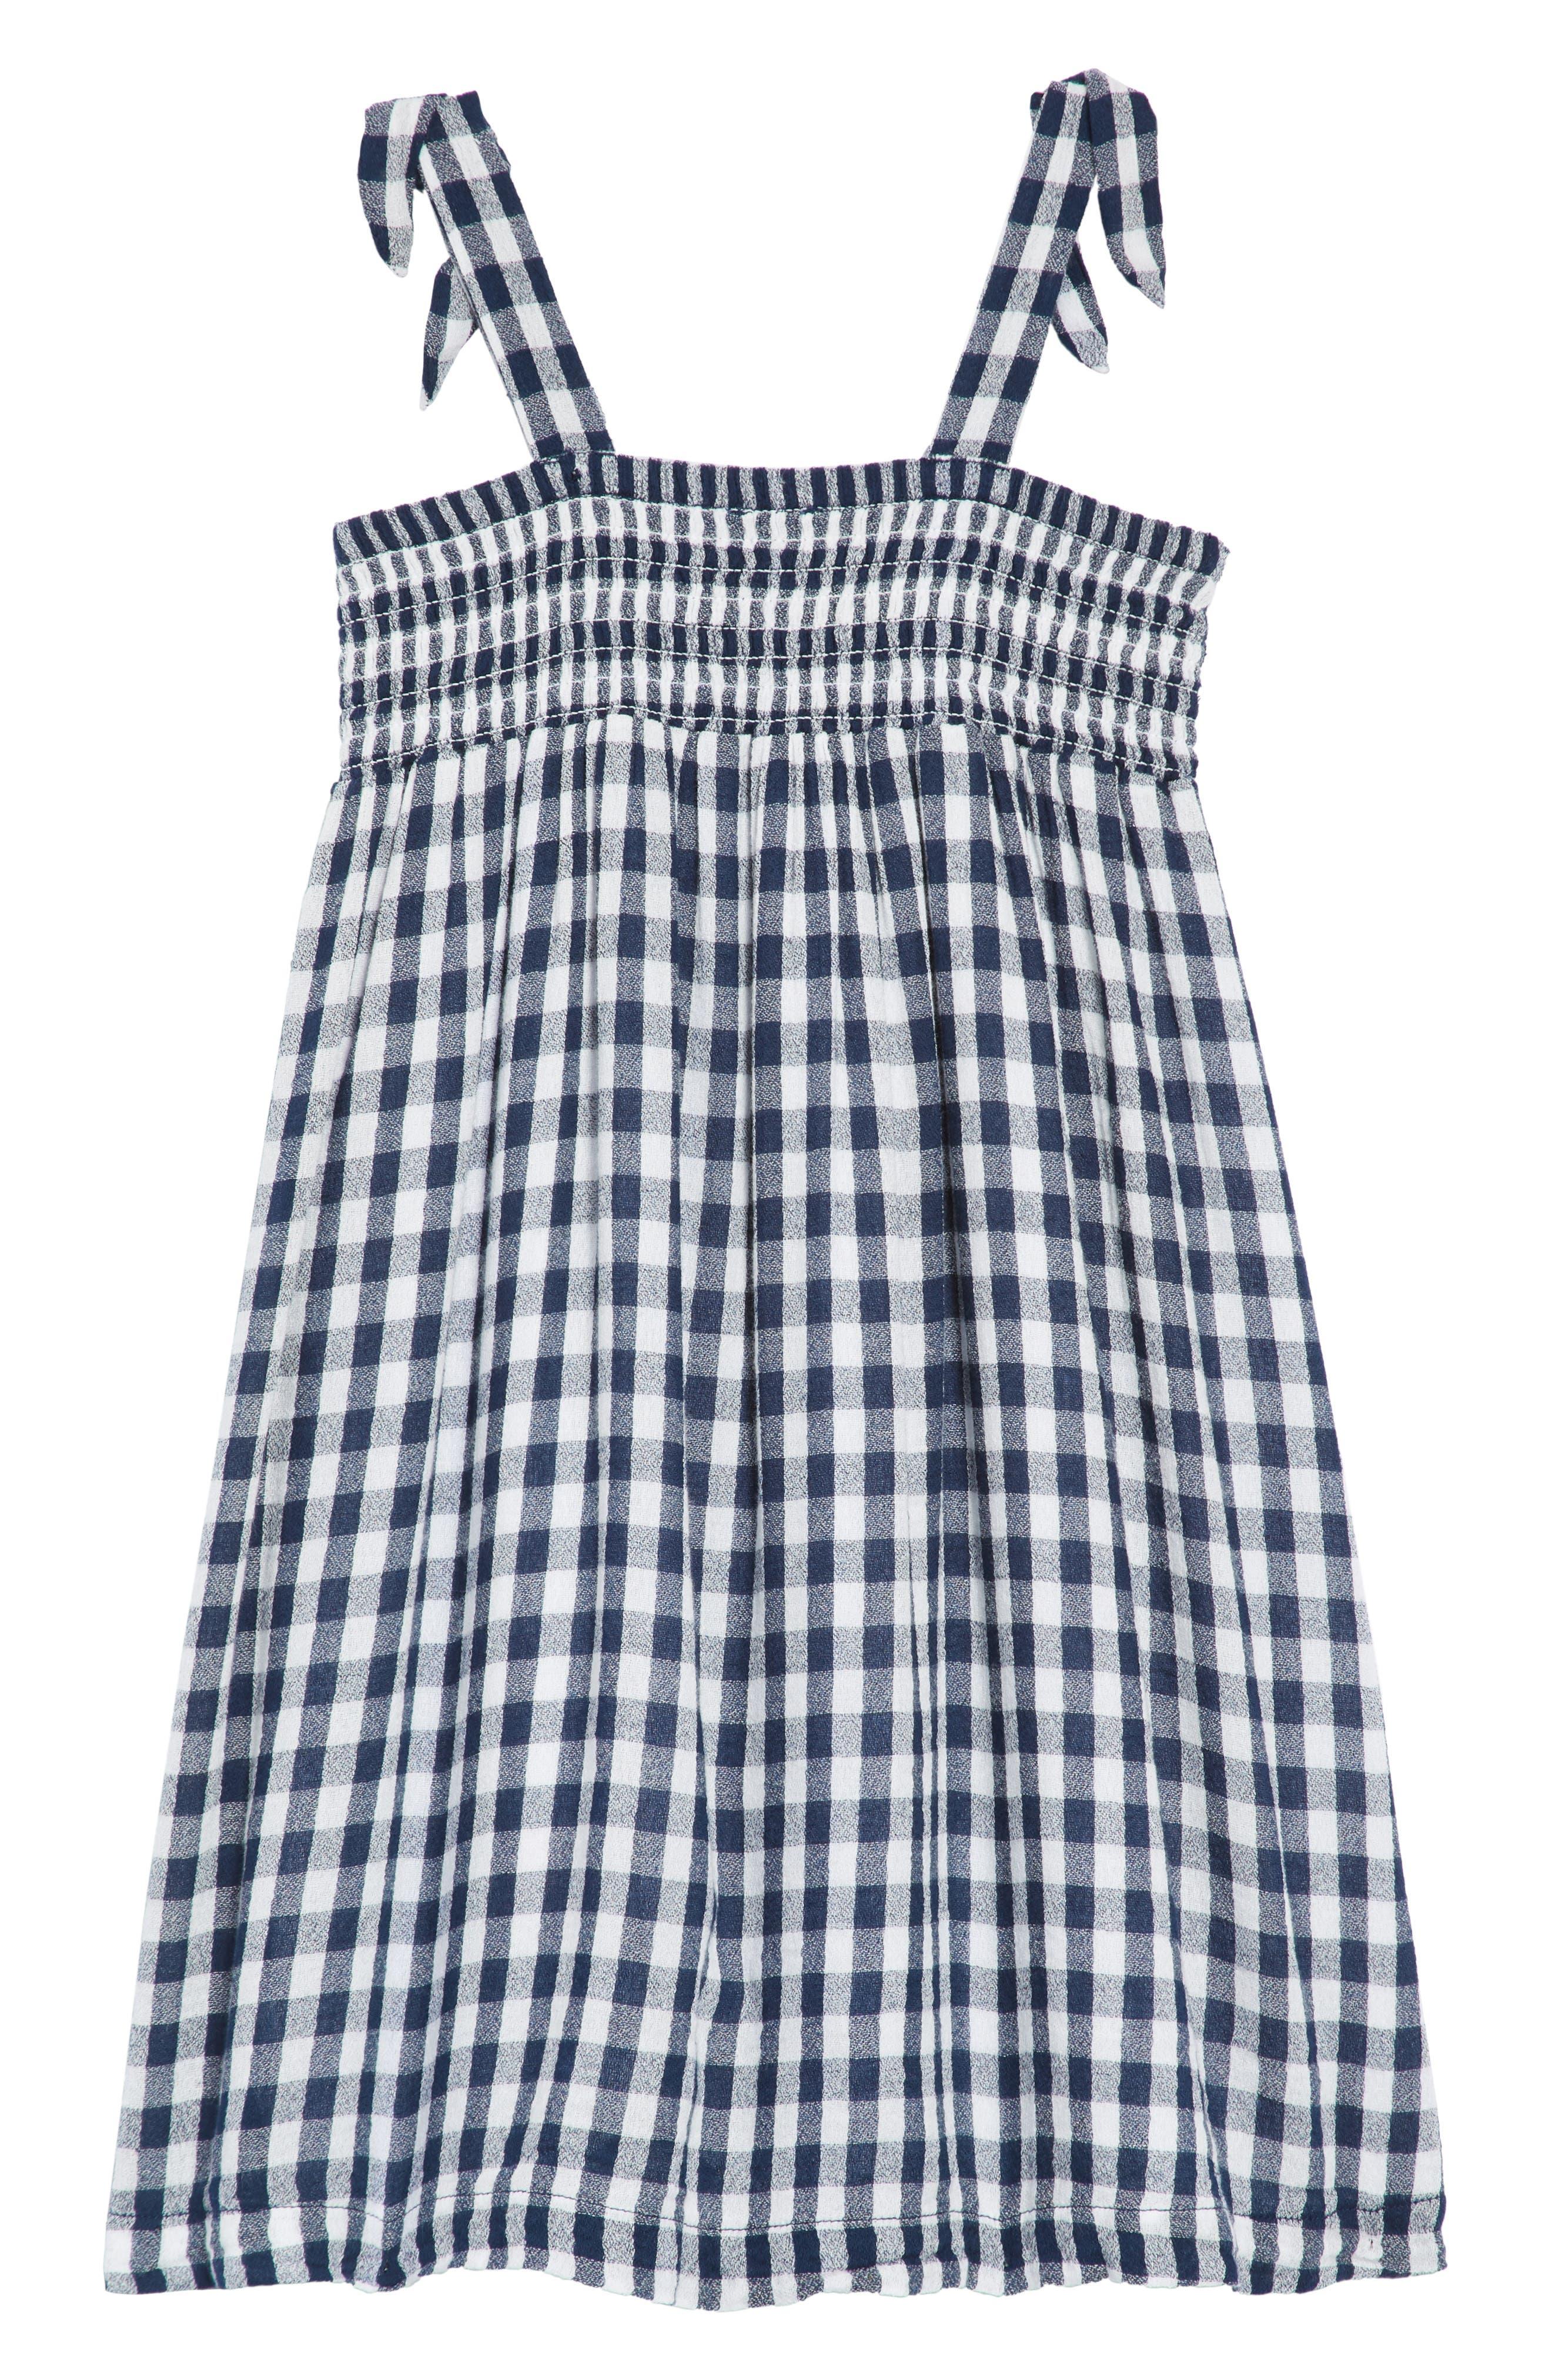 TUCKER + TATE,                             Smocked Gingham Dress,                             Alternate thumbnail 2, color,                             410